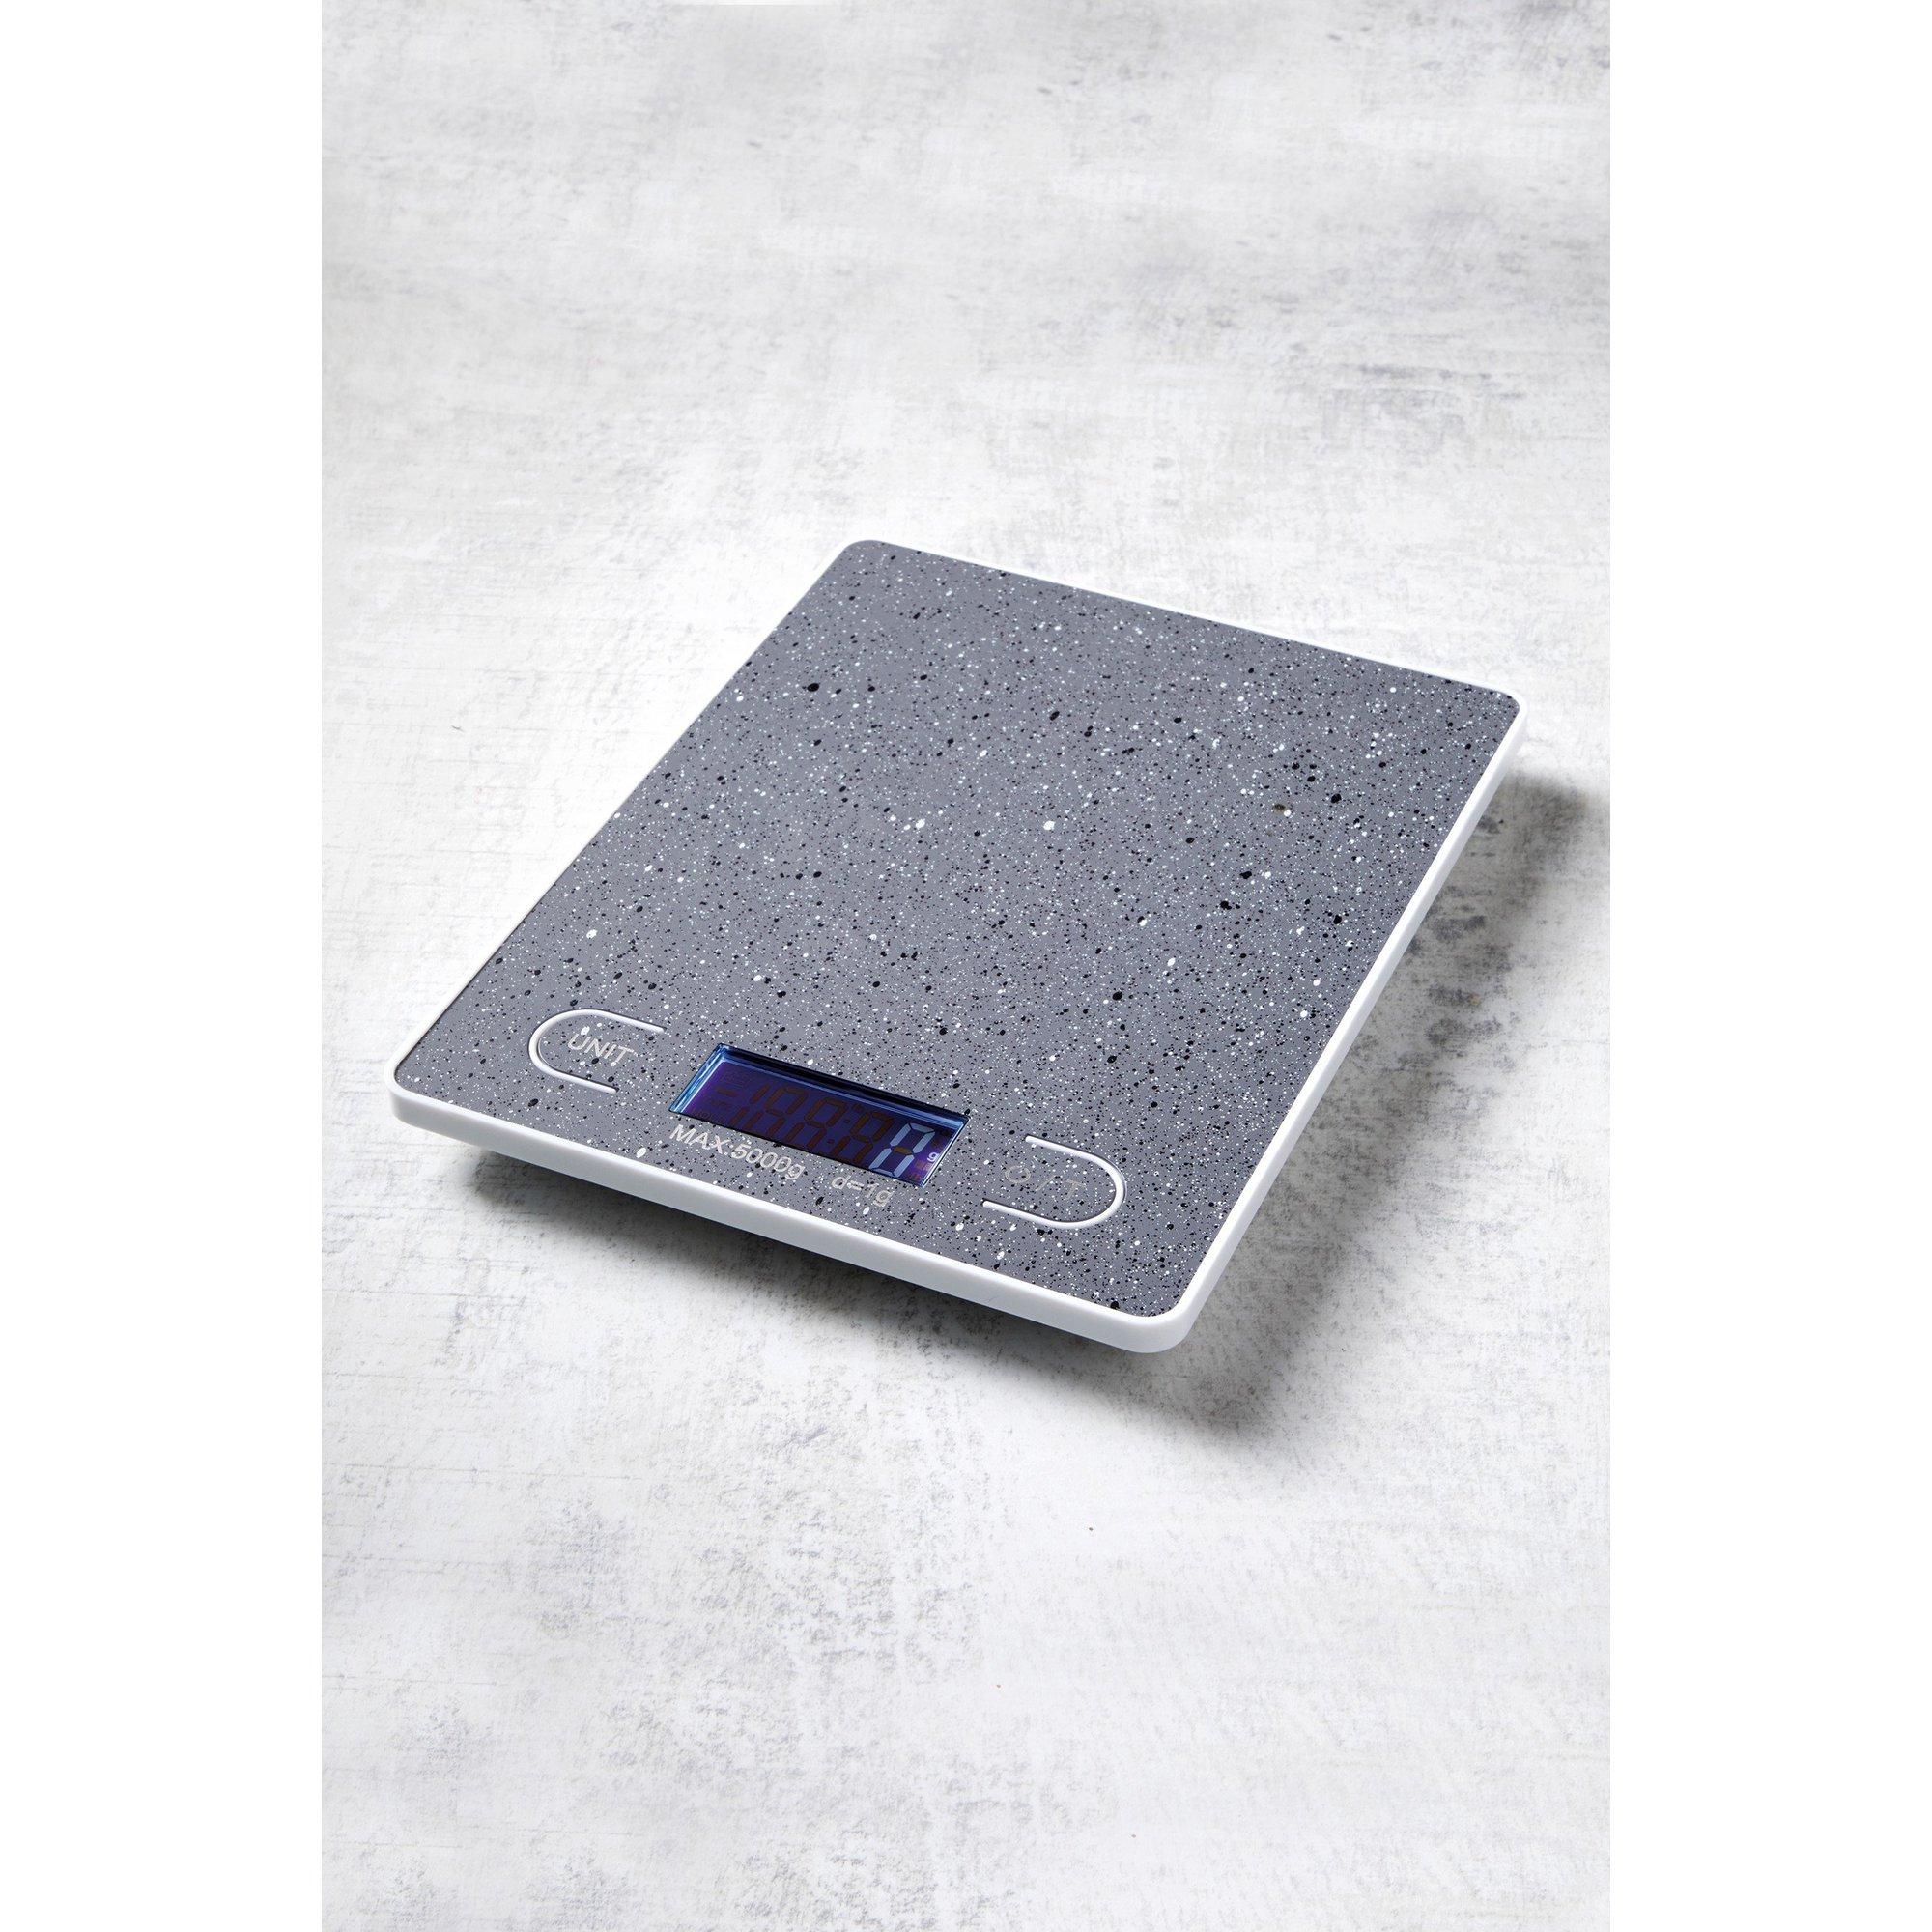 Image of Durastone Digital Kitchen Scales